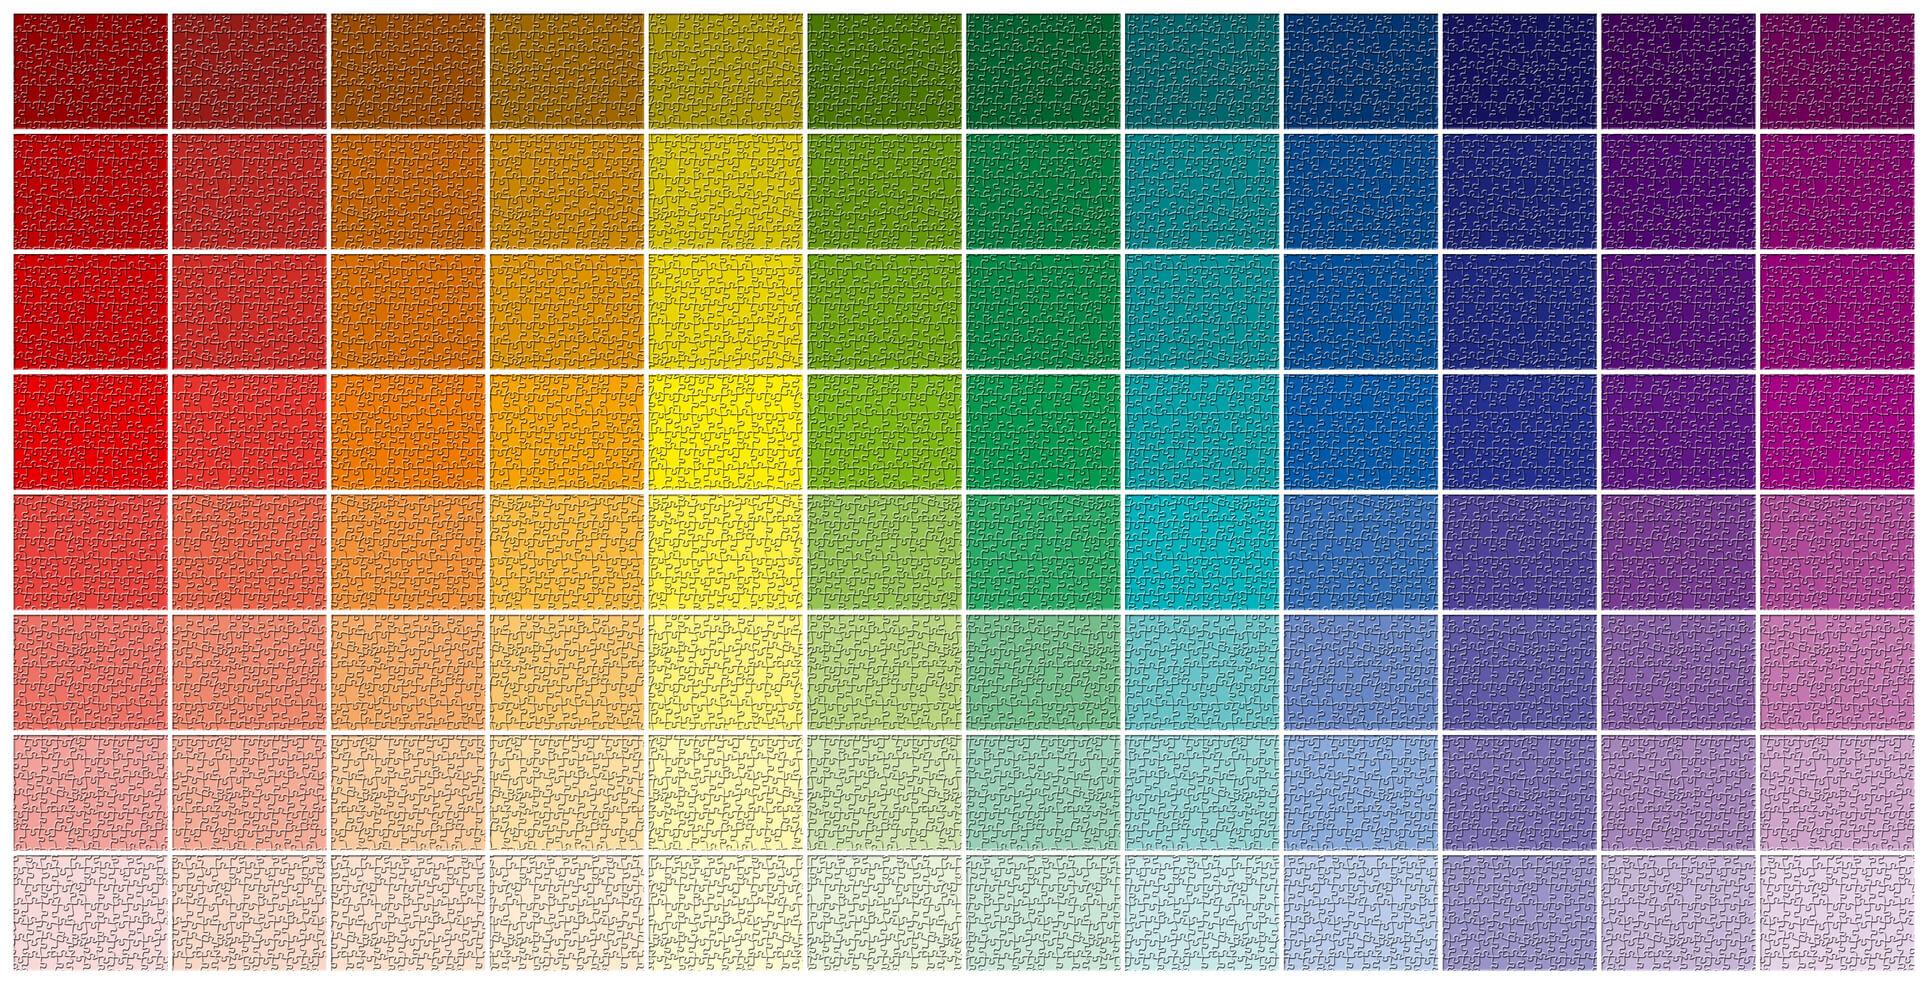 Colores fr os y c lidos definici n concepto y qu es - Colores frios y colores calidos ...